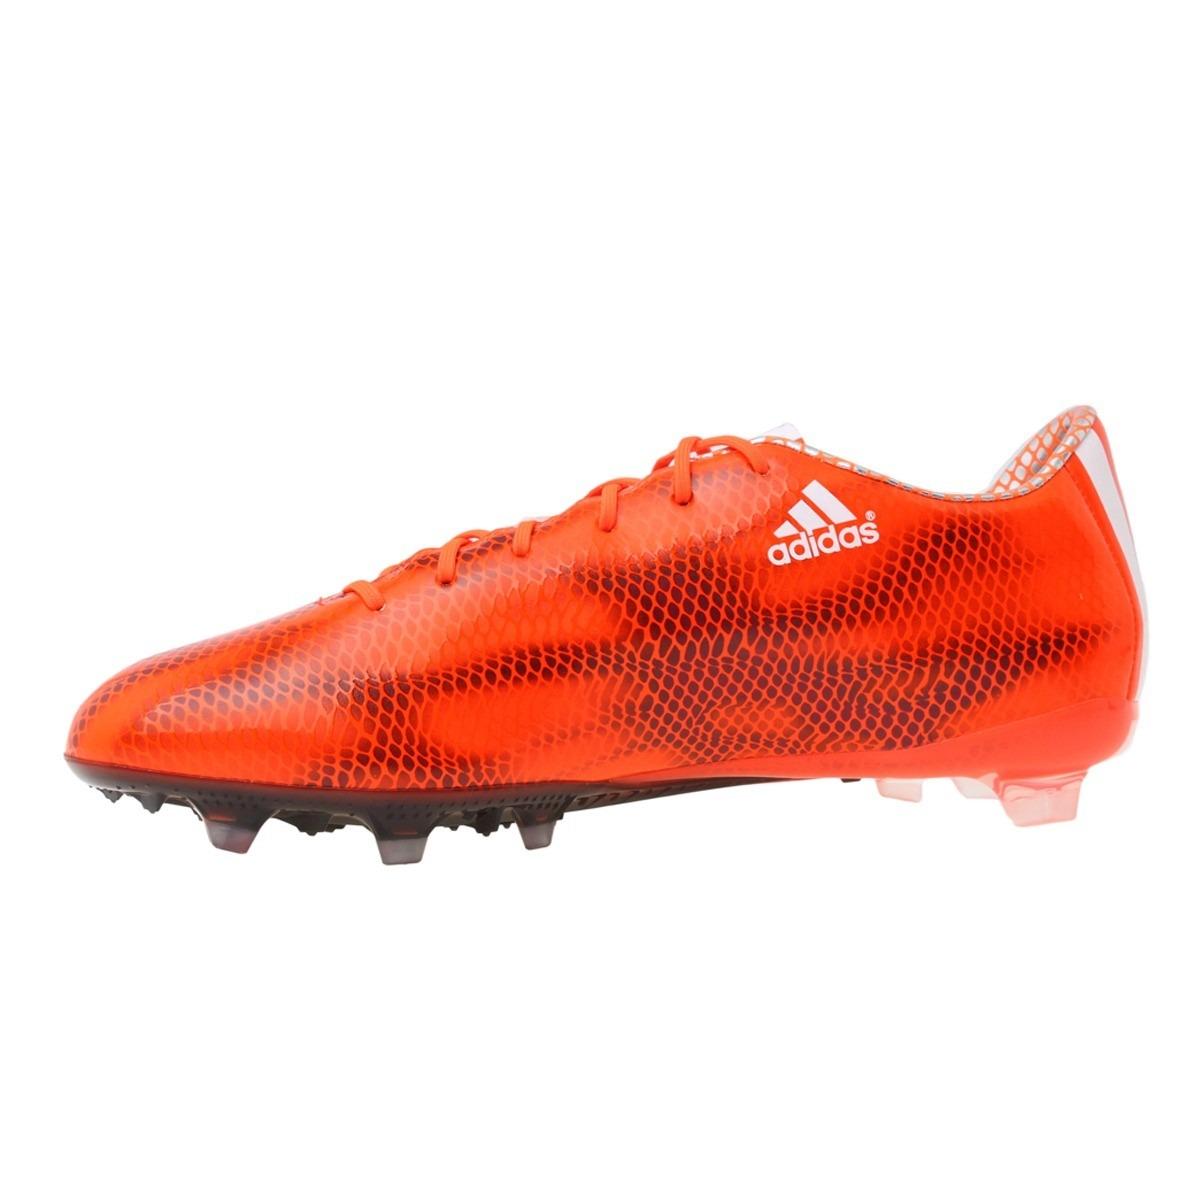 botines con tapones adidas f30 fg pasto futbol 11. Cargando zoom. bcdd9c2d9a46a